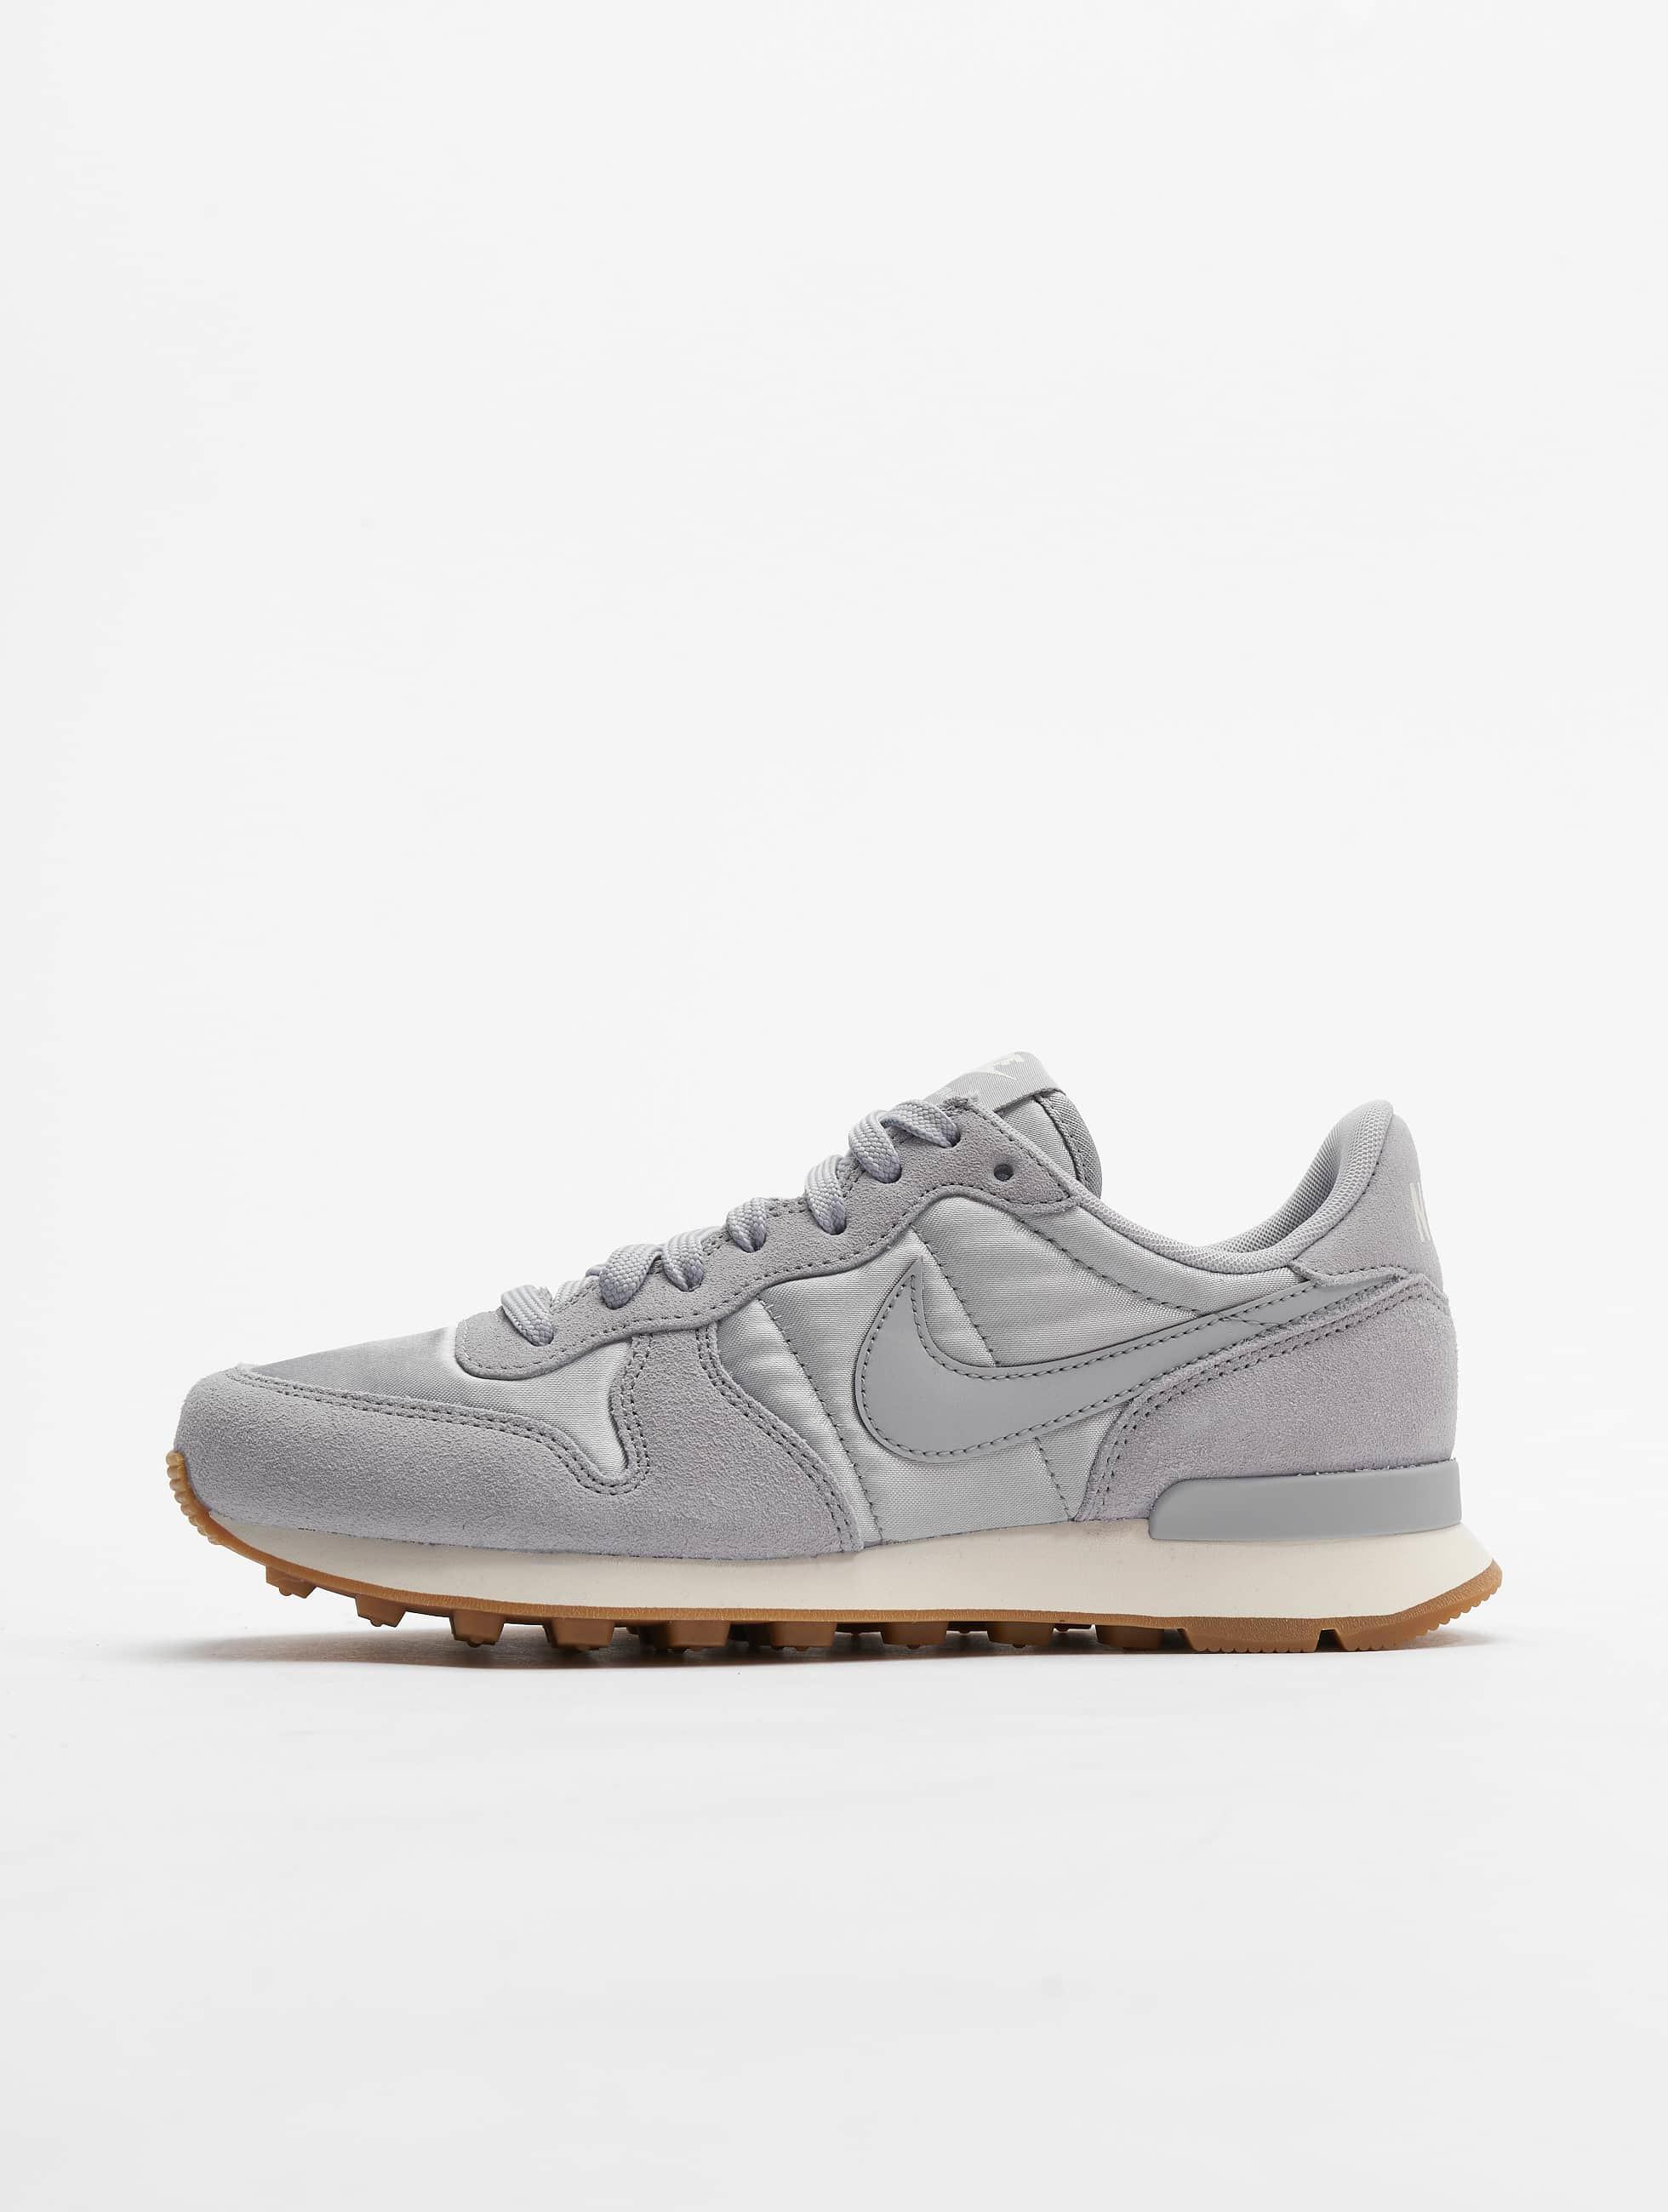 Nike Internationalist Sneakers Wolf Grey/Wolf Grey Sail Gum/Med Brown